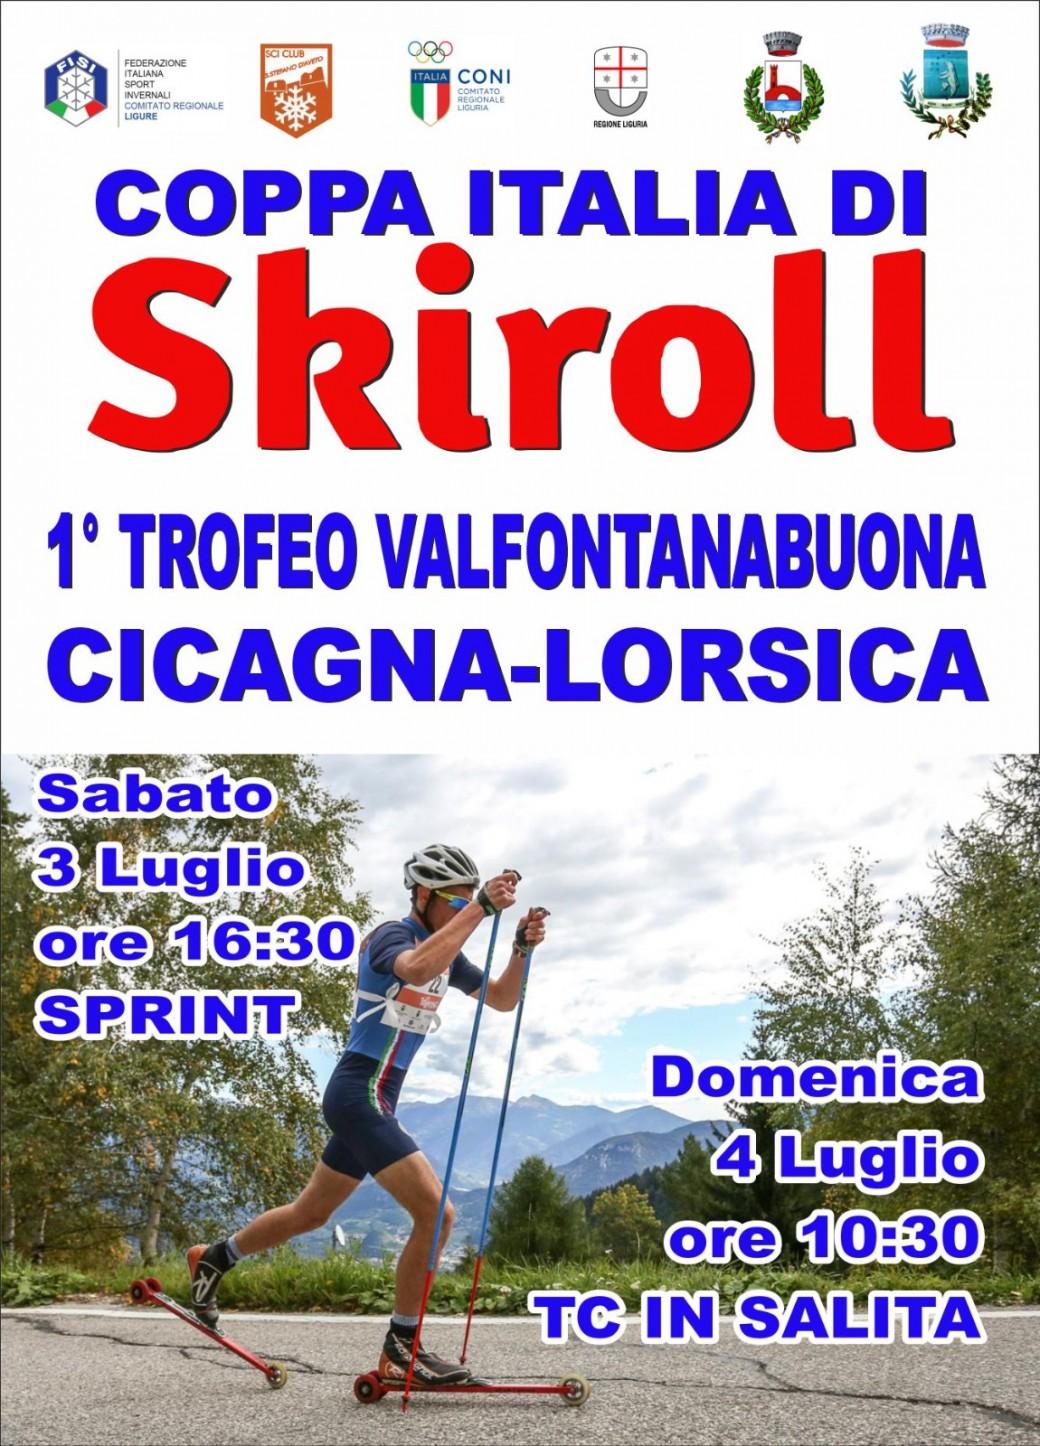 LOCANDINA GARA SKIROLL 03-04.07.2021